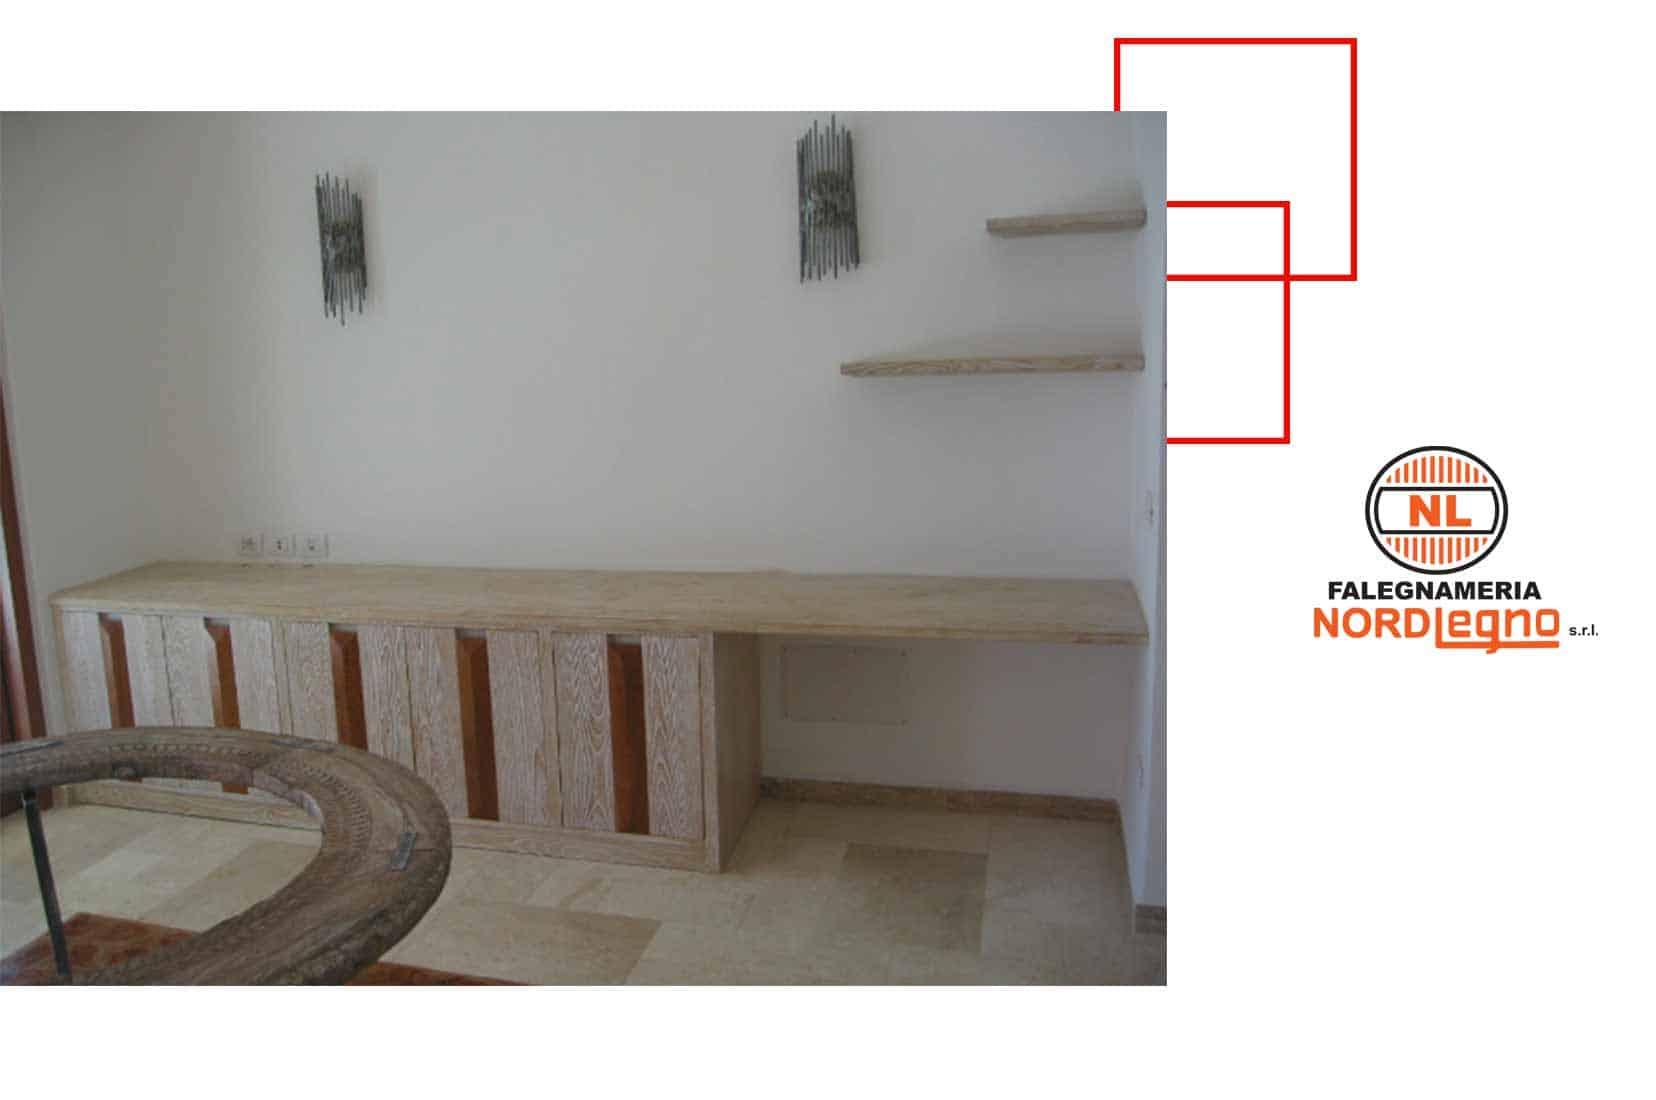 falegnameria-nord-legno-calangianus-interni.jpg